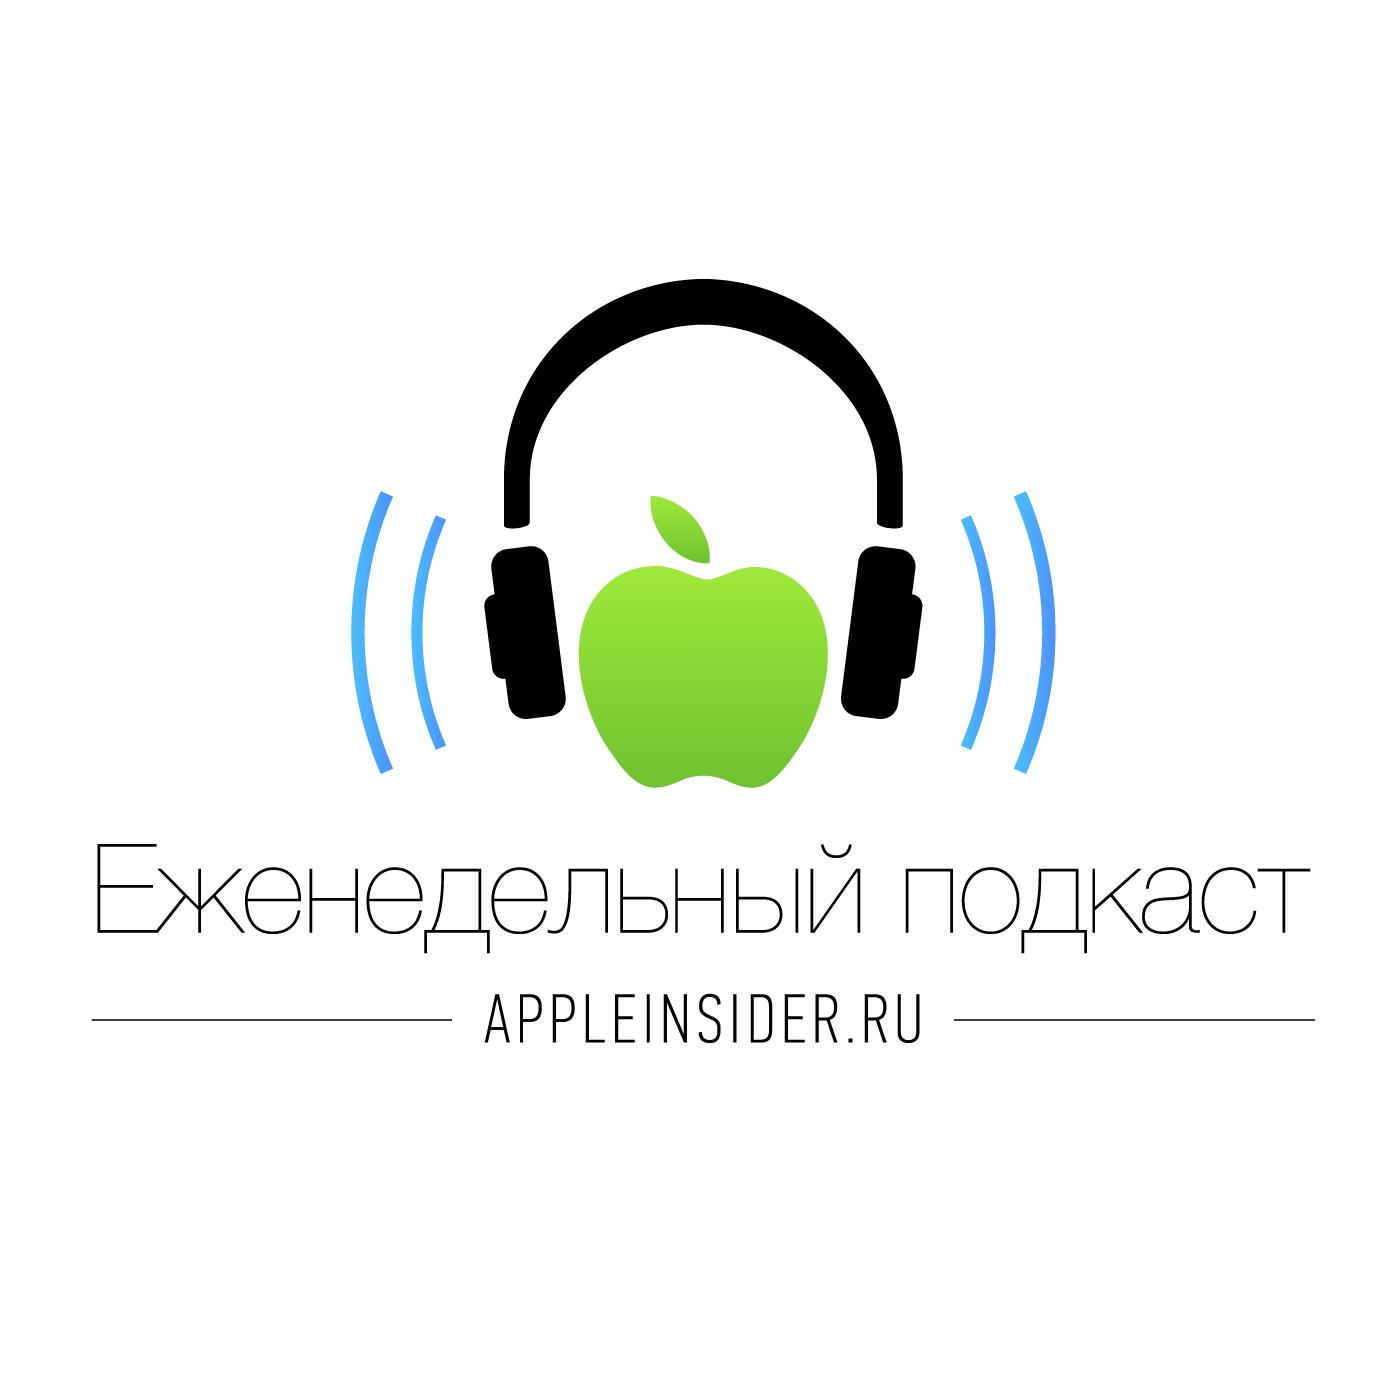 Миша Королев Чем Apple заменит кнопку «Home» в следующих поколениях iPhone миша королев чему равна наценка на iphone в российской рознице